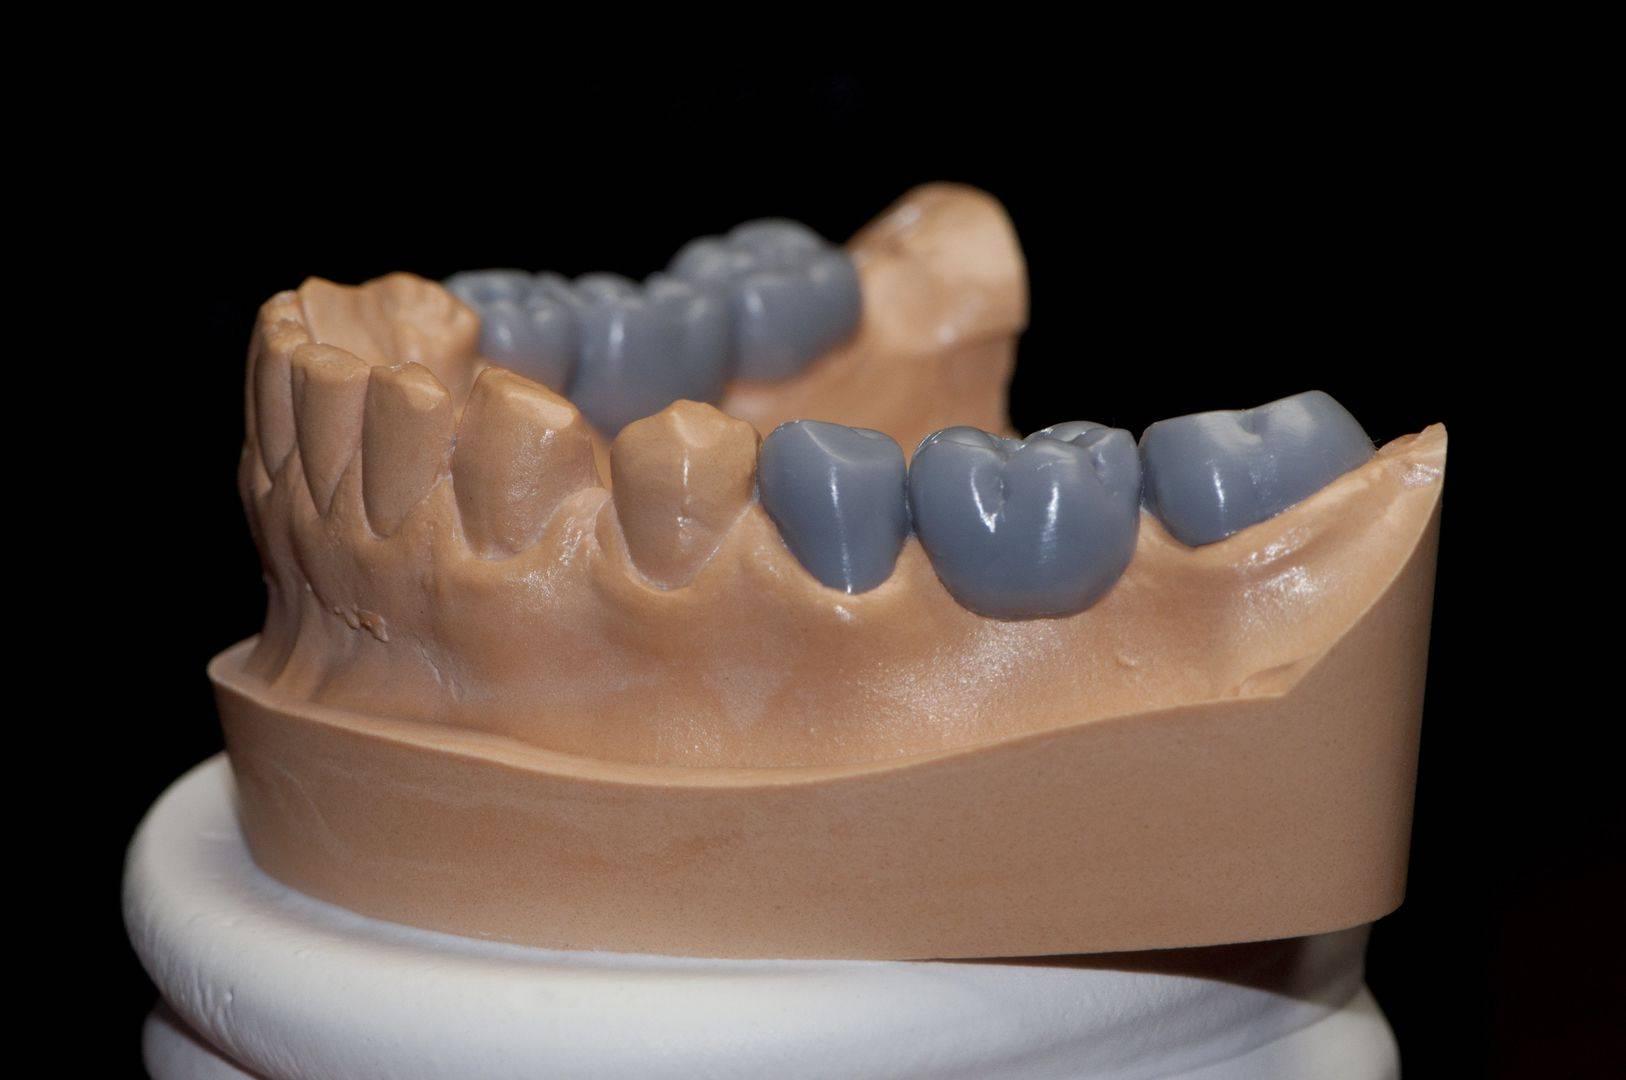 Особенности методики воскового моделирования зубов